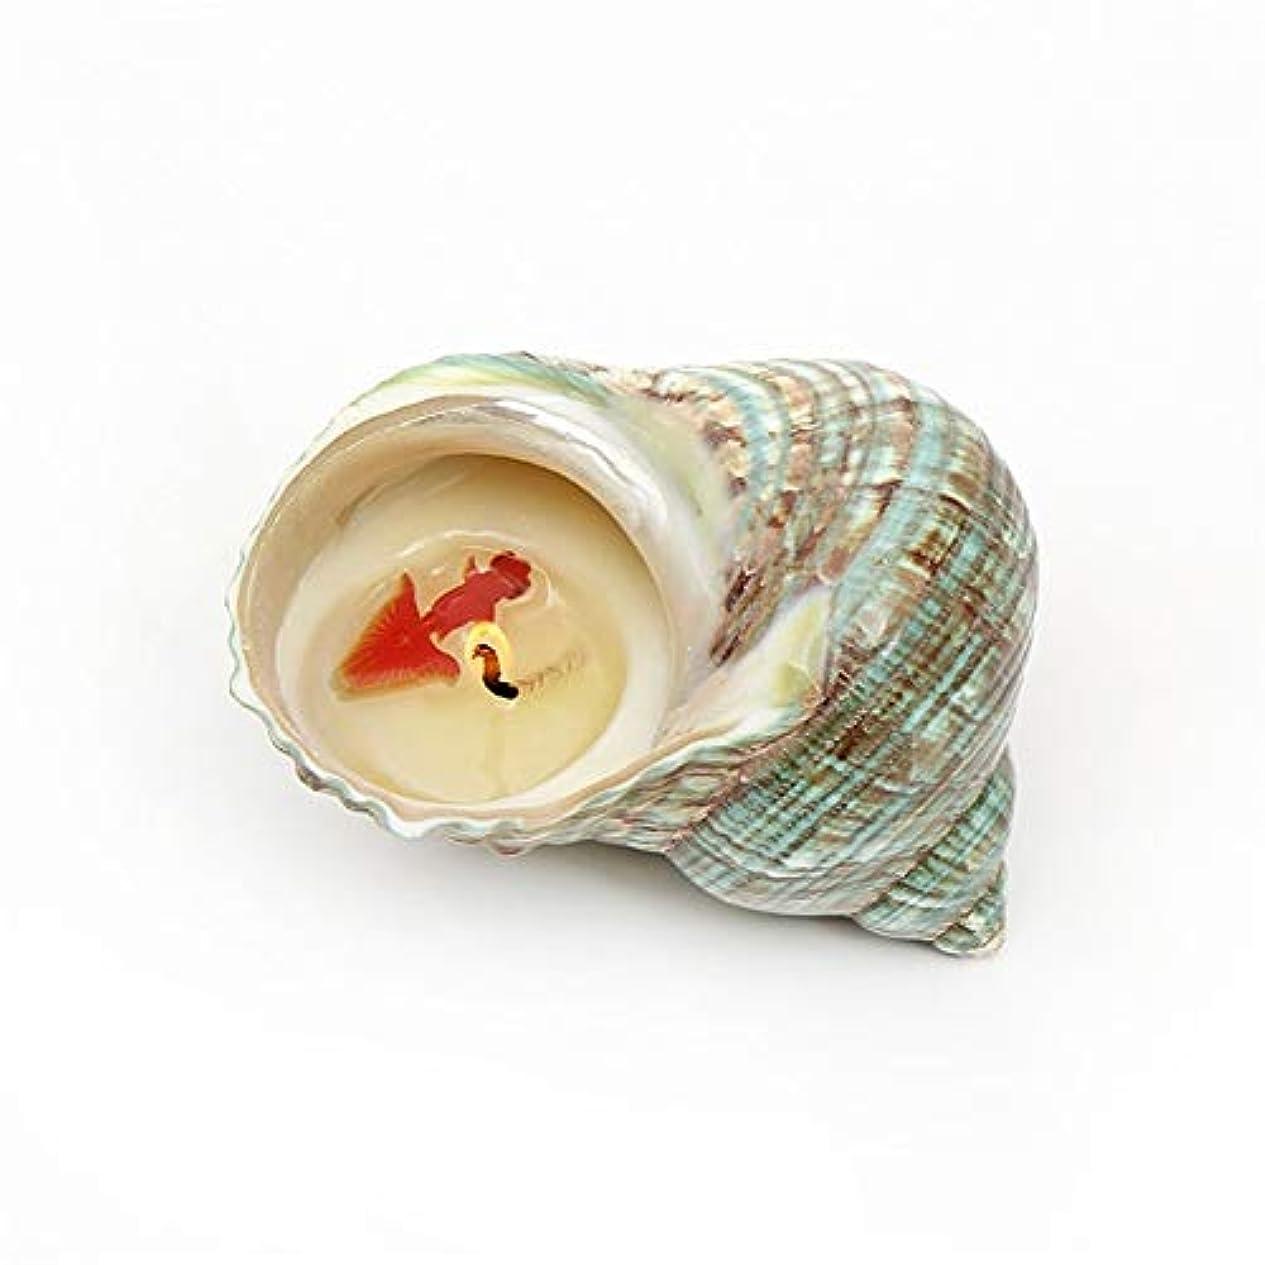 航空機祖先動機付けるGuomao 手作りのシェル金魚の香りキャンドルカップ誕生日プレゼントロマンチックな告白結婚式の装飾 (色 : Sweet peach)